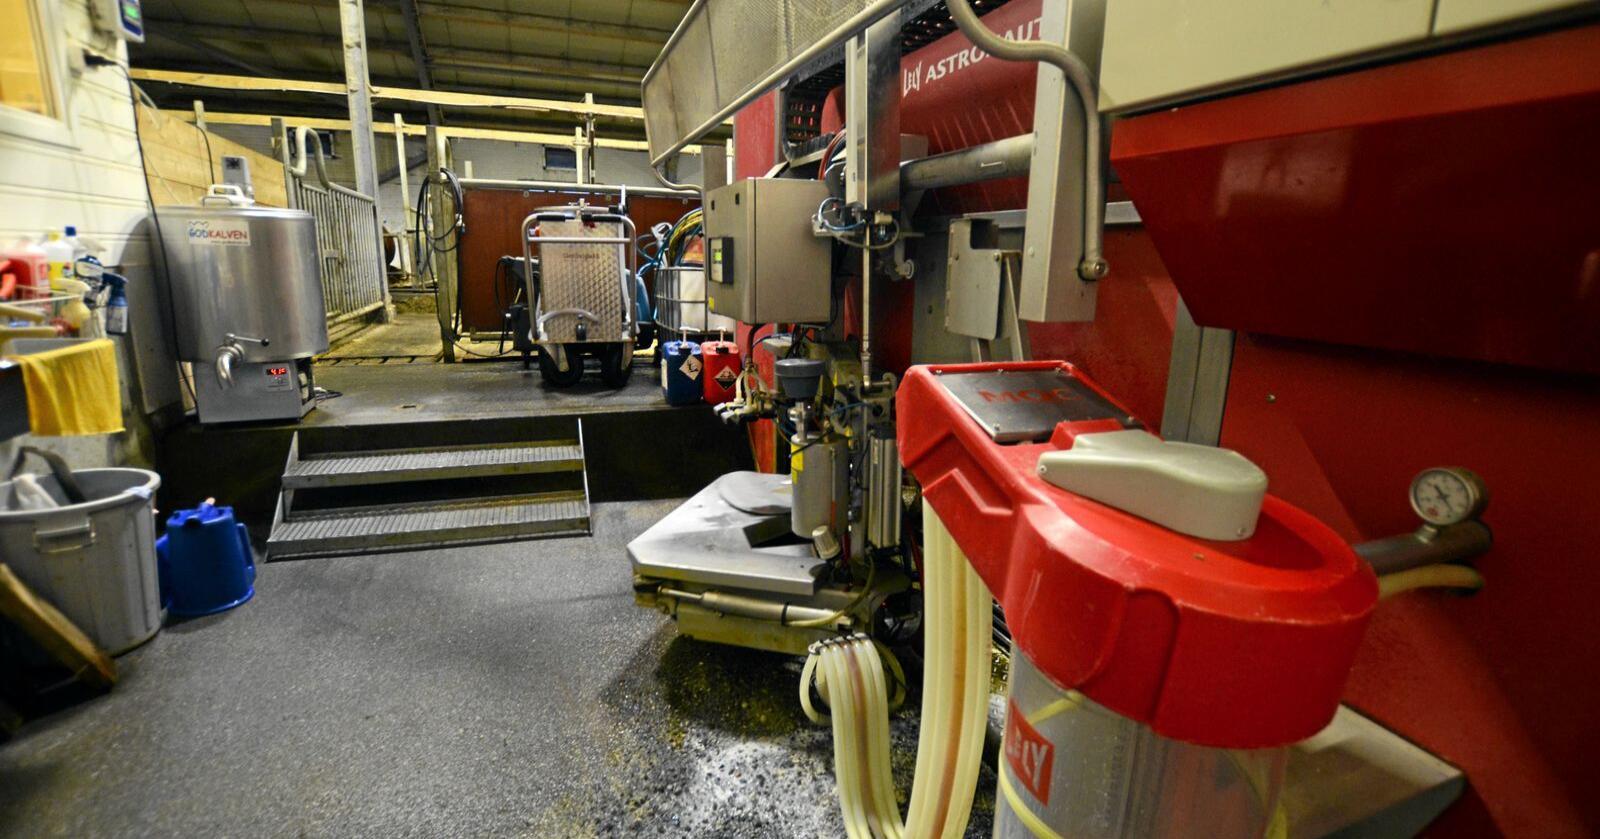 For Lasse Stokke fra Kleive i Molde var en brukt melkerobot veien inn på robotmarkedet.